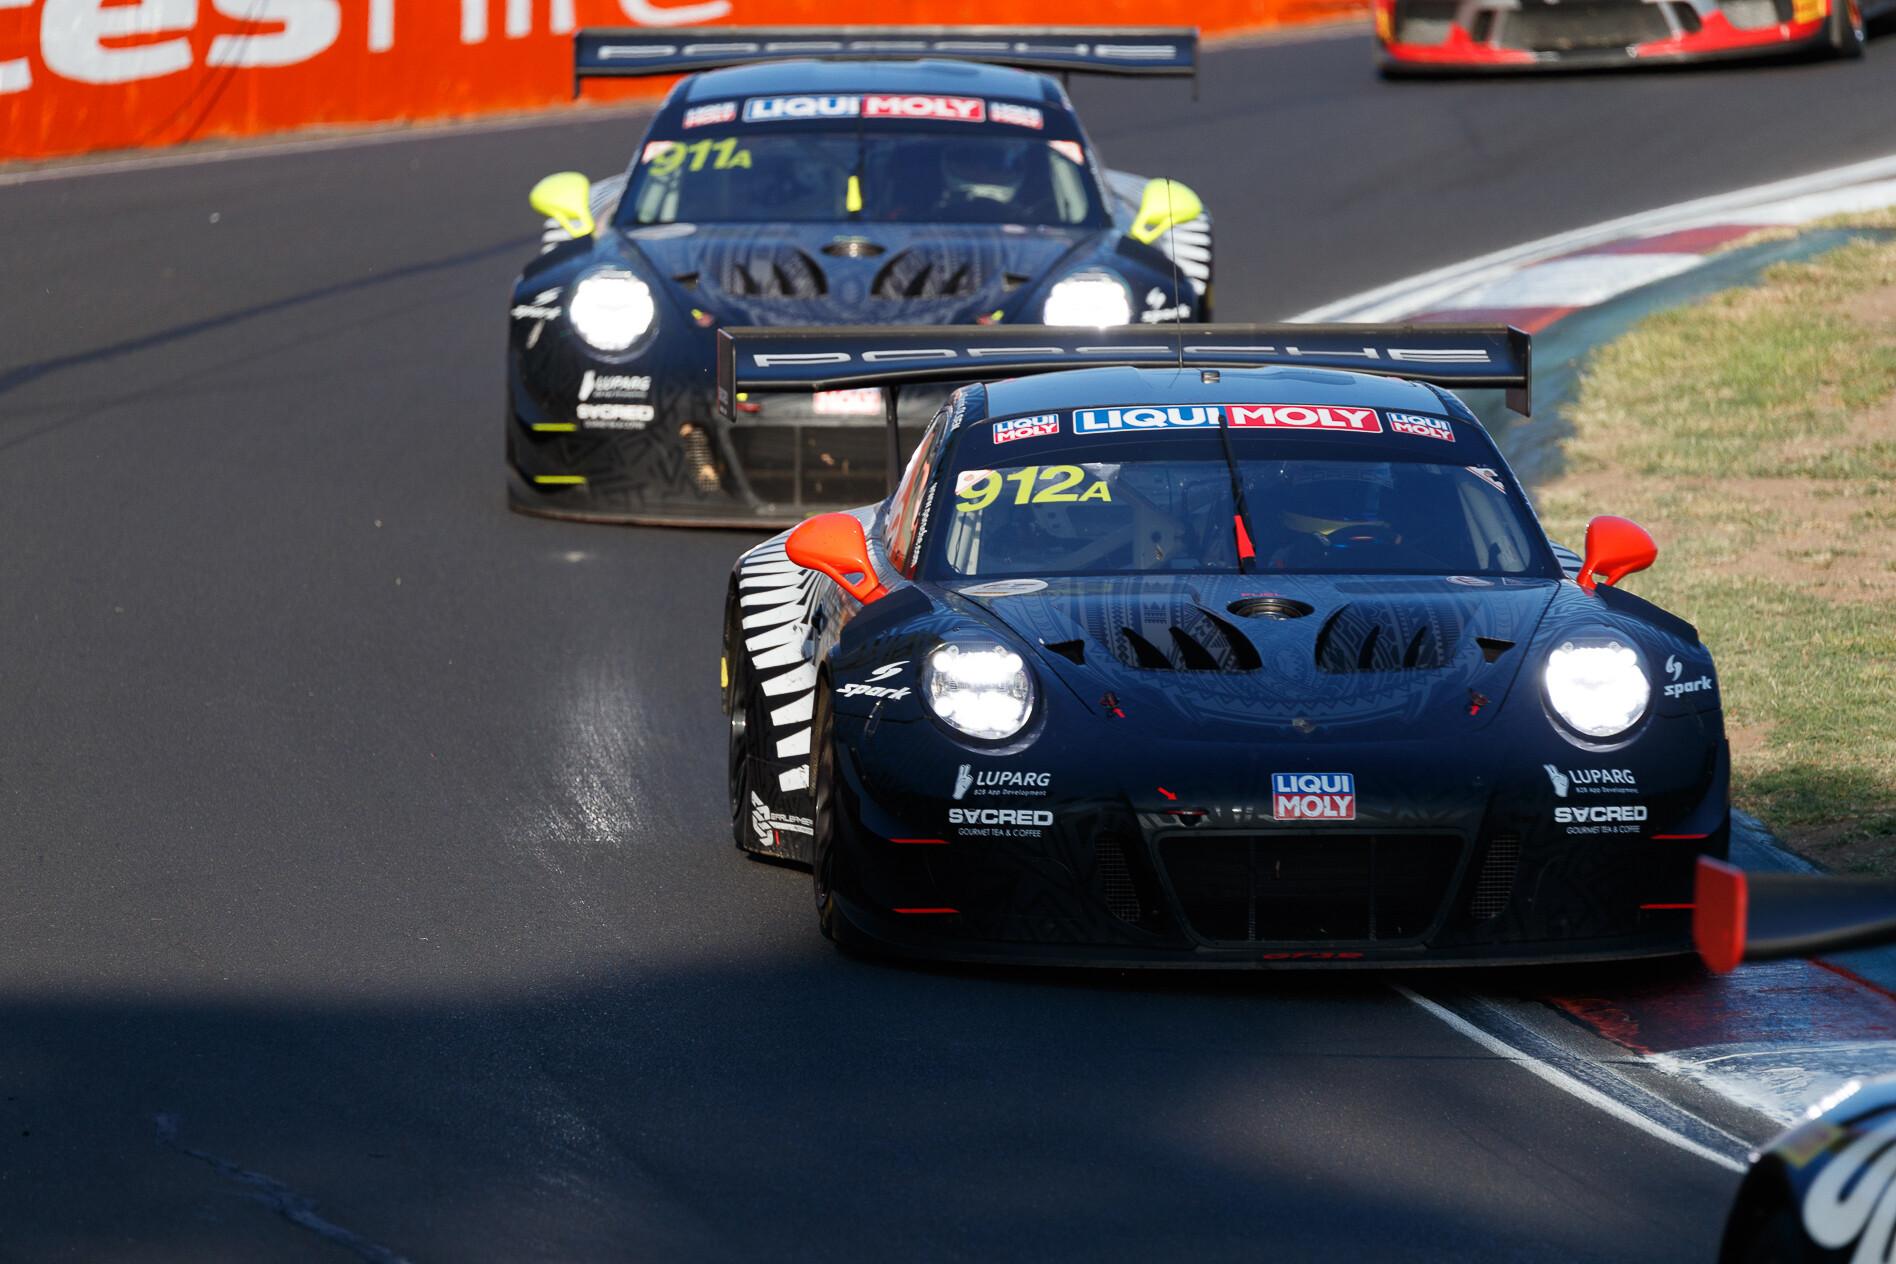 Bathurst 12-Hour 2019 winner Porsche